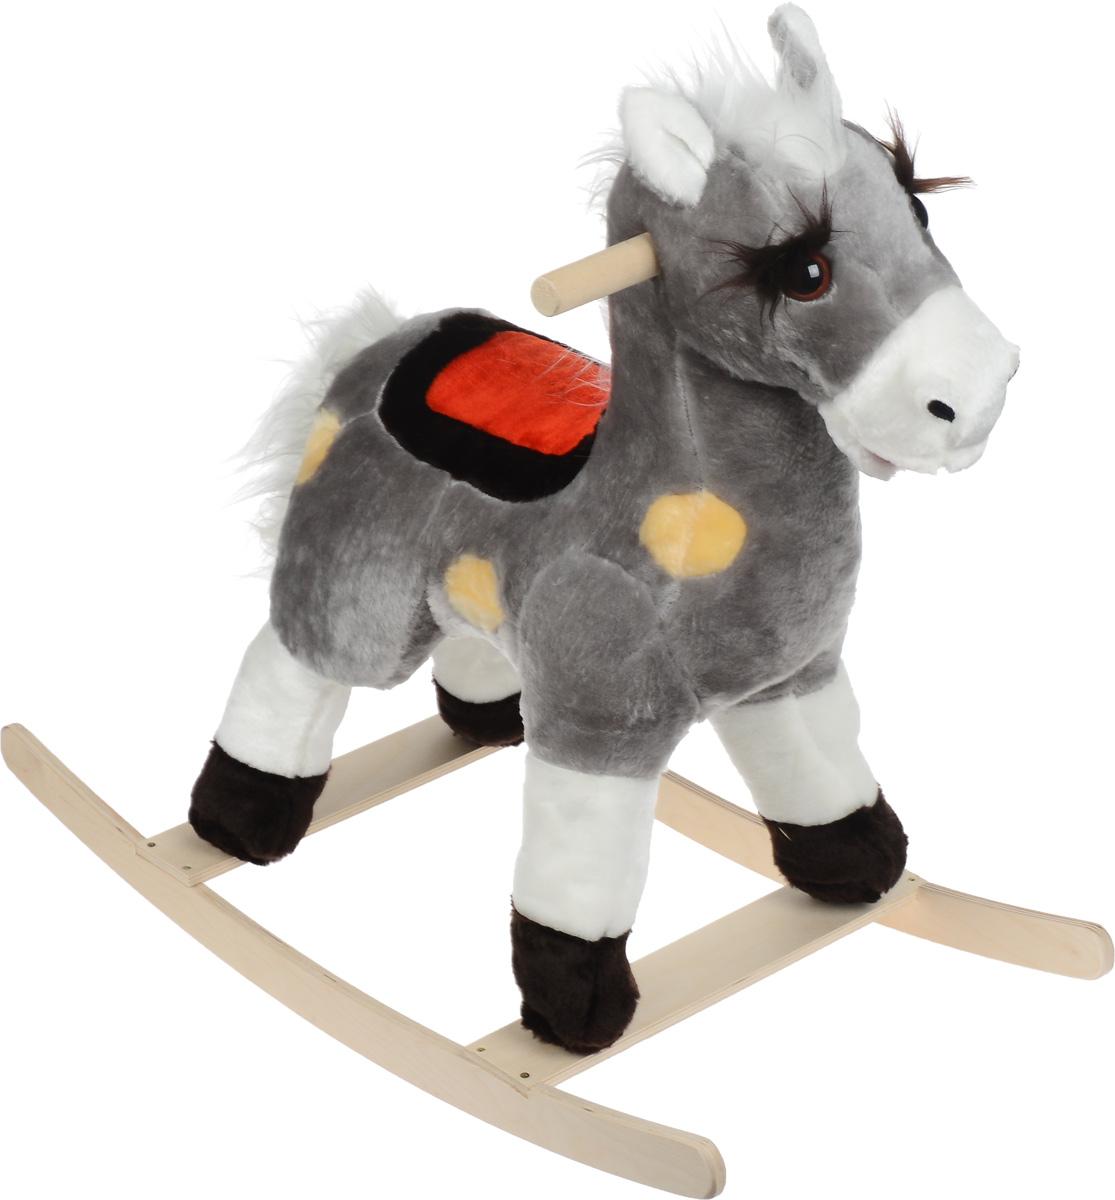 СмолТойс Игрушка-качалка Лошадь цвет серый - Ходунки, прыгунки, качалки